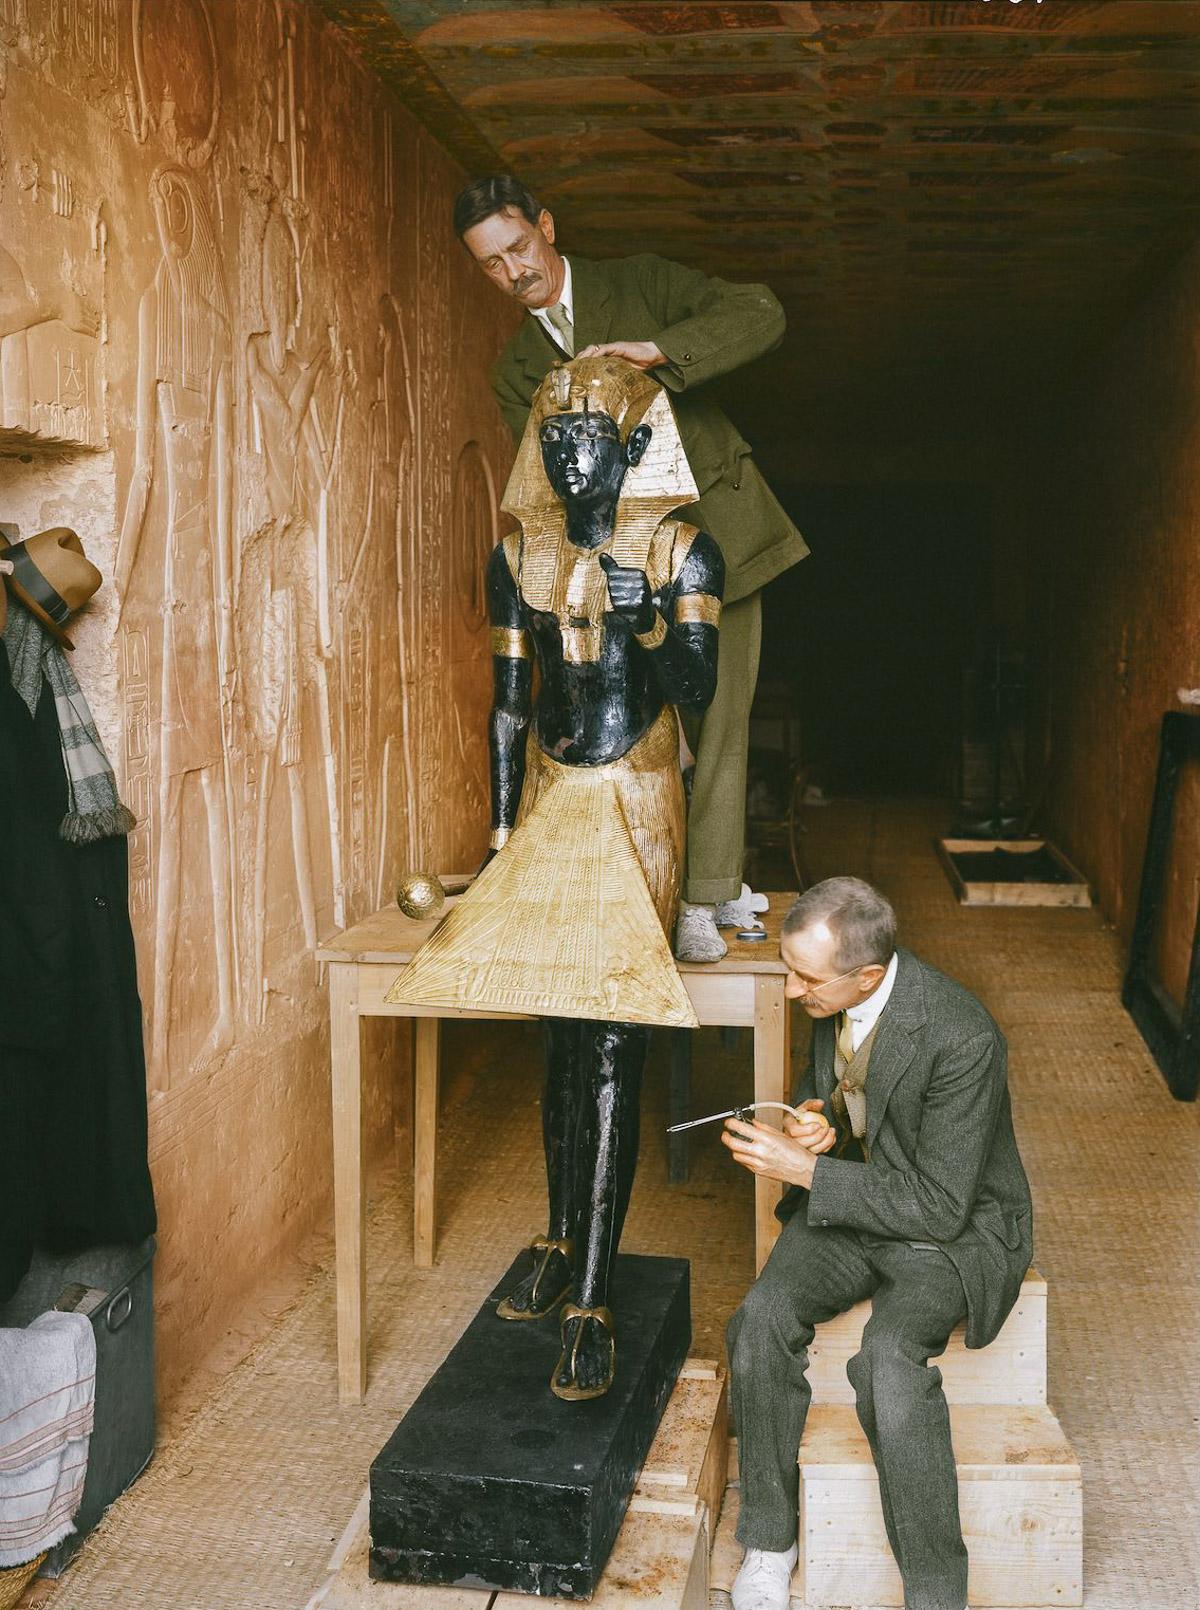 Реставраторы Артур Мейс и Альфред Лукас чистят одну из дозорных статуй в «лаборатории», созданной в